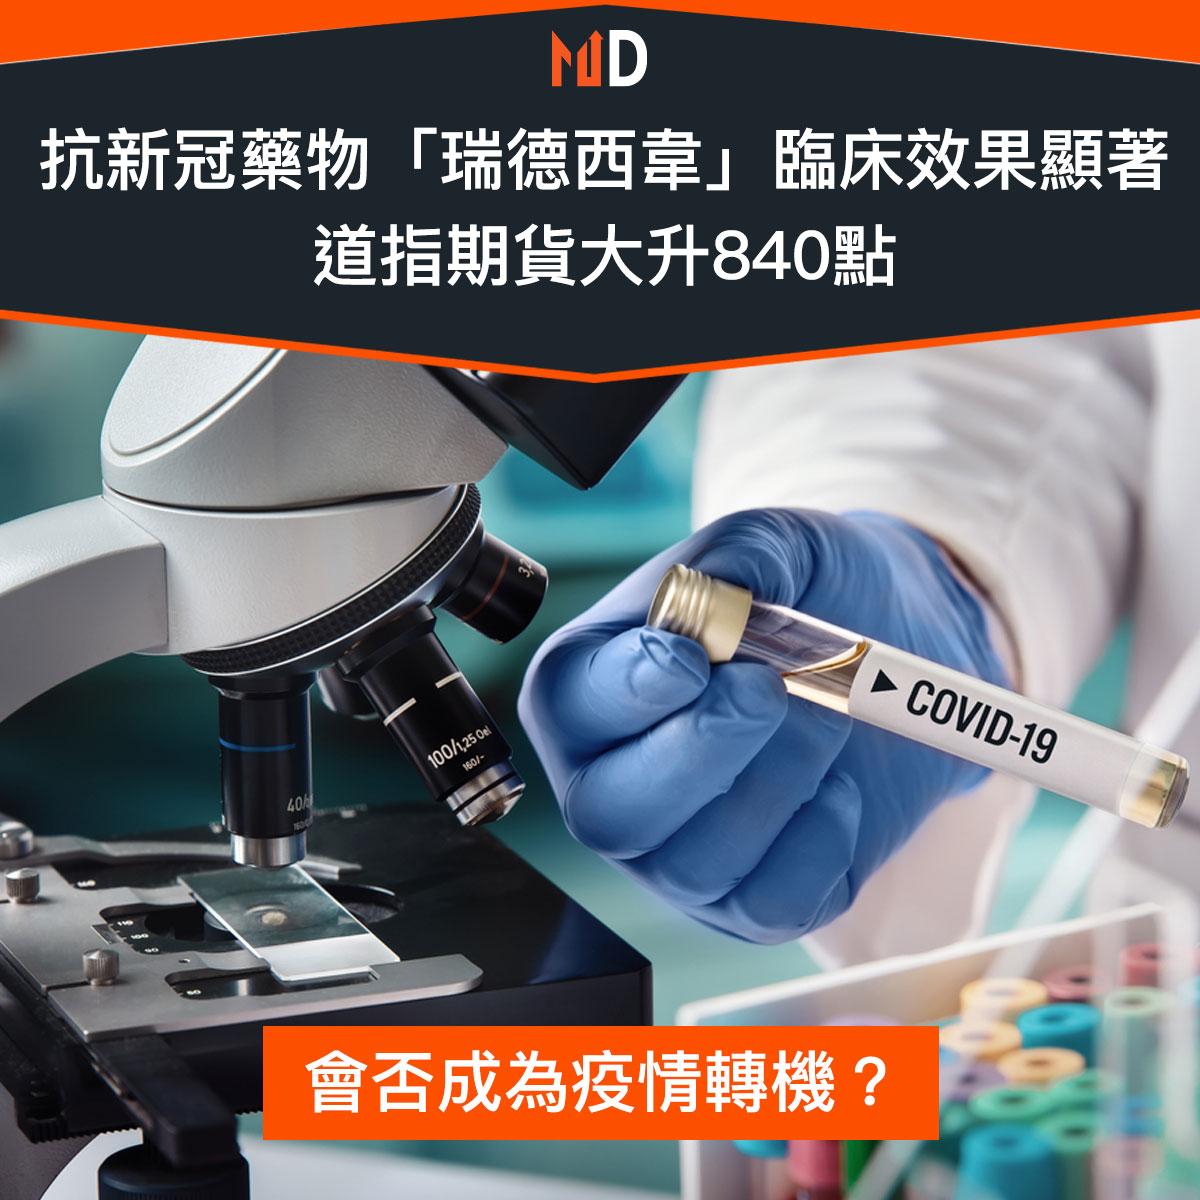 【市場熱話】抗新冠藥物「瑞德西韋」臨床效果顯著,道指期貨升逾840點